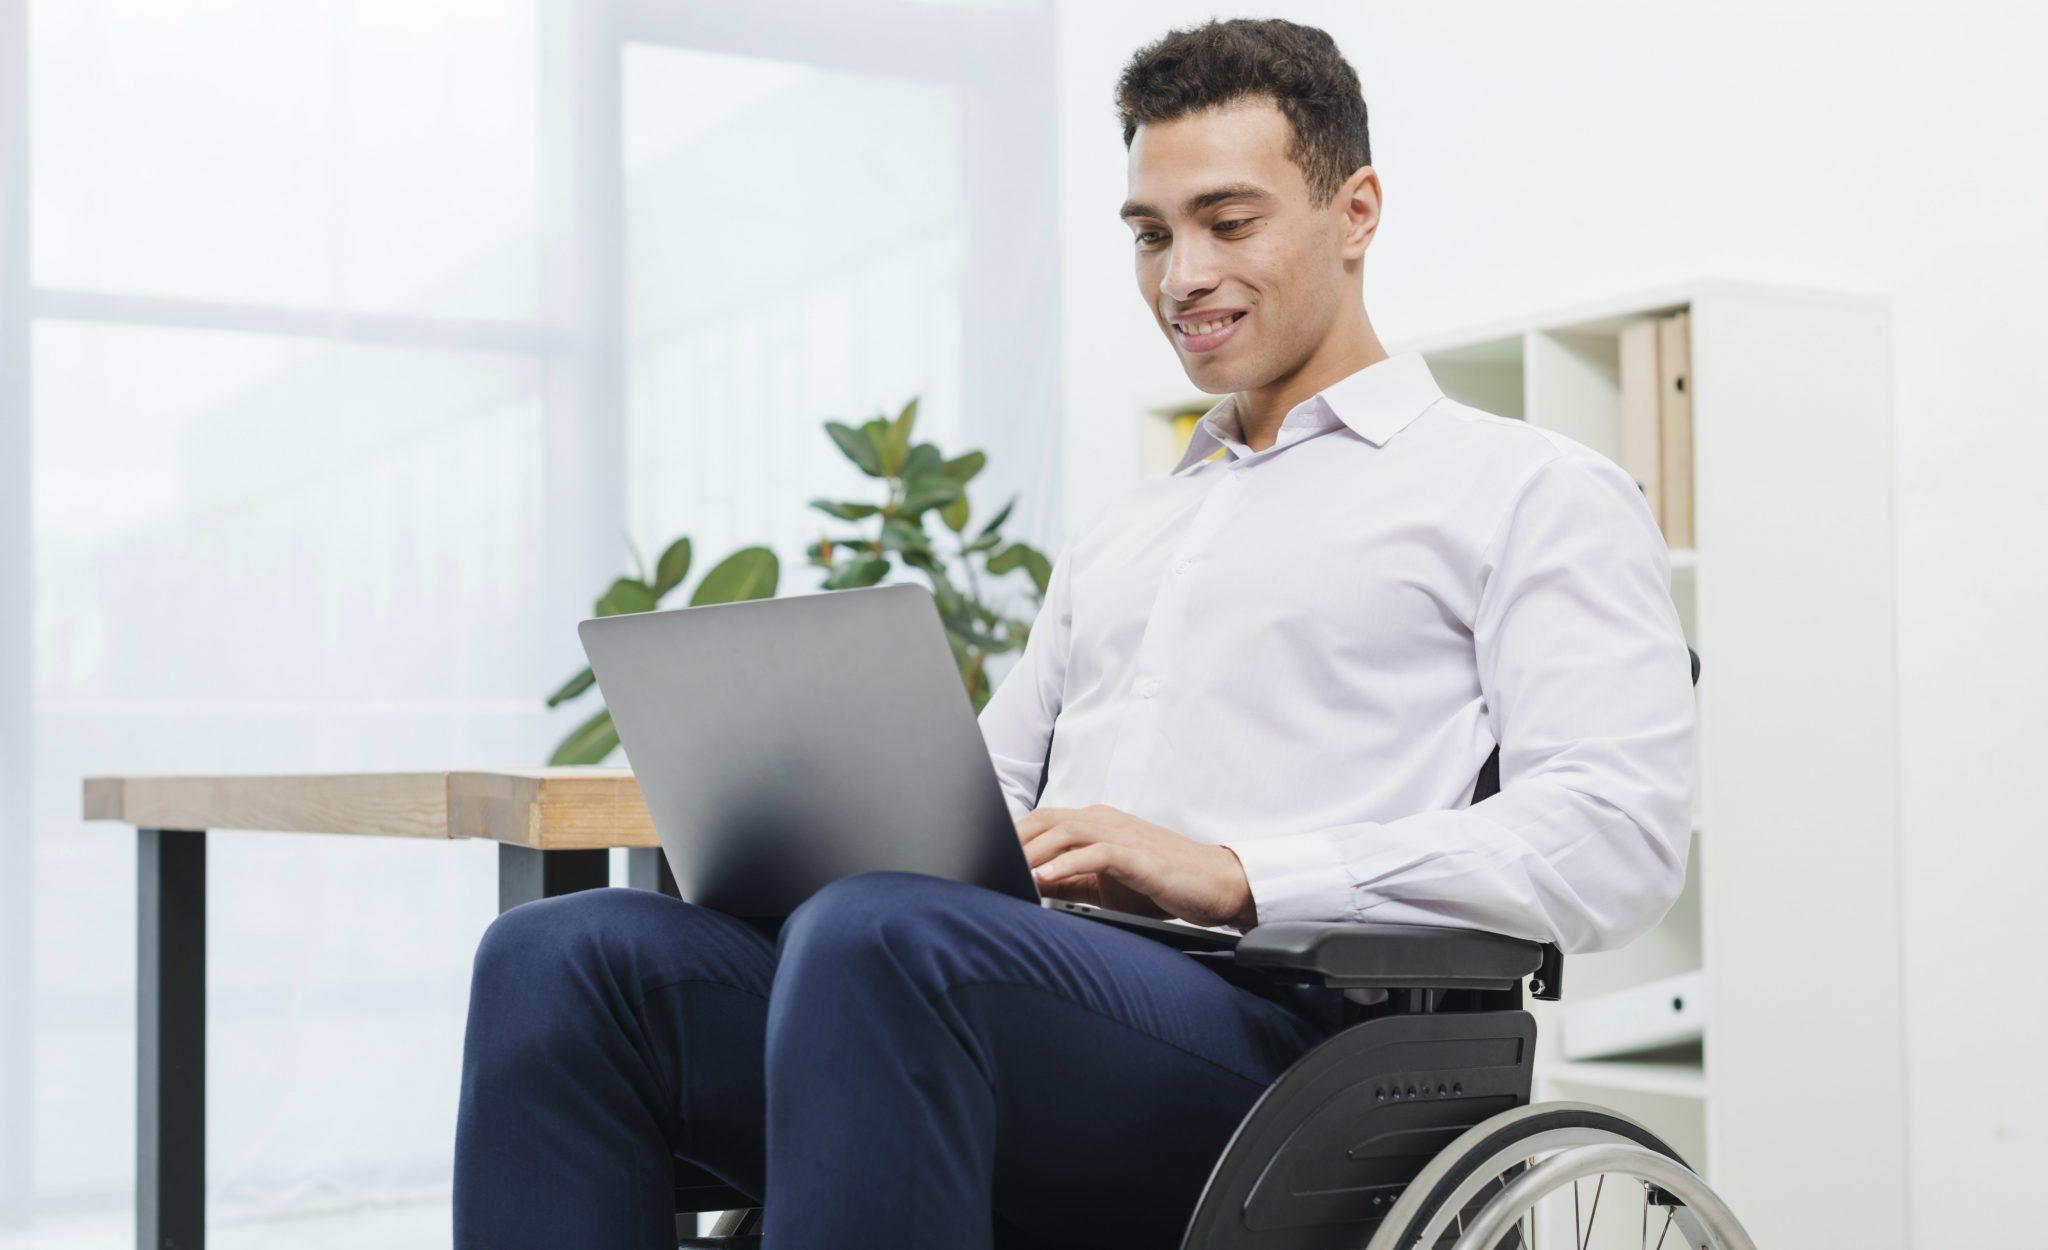 Pessoas com deficiência deverão ser readmitidas durante pandemia